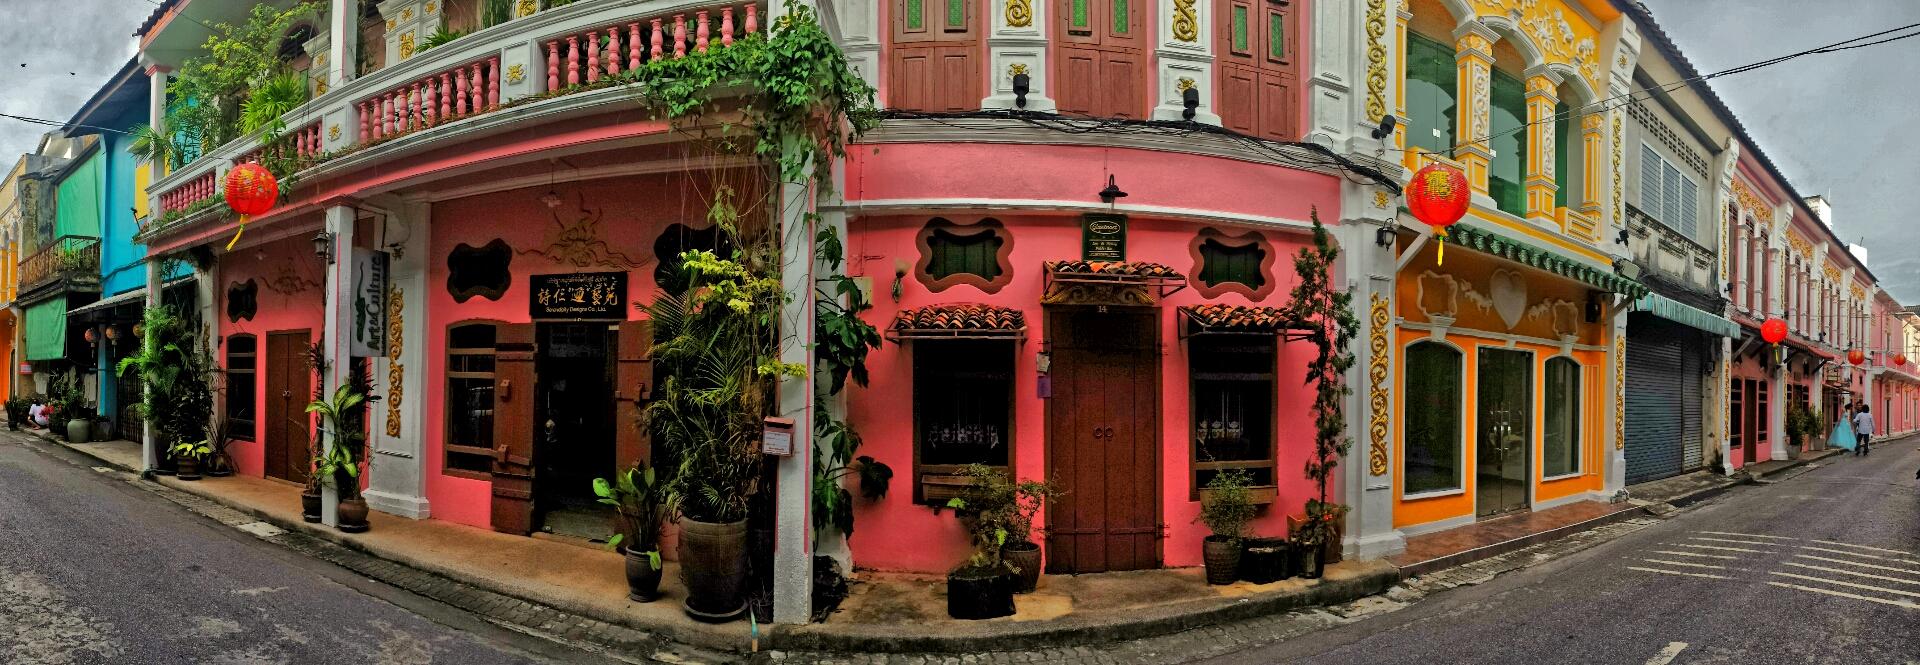 Bunter Stilmix in den Straßen von Phuket-Stadt